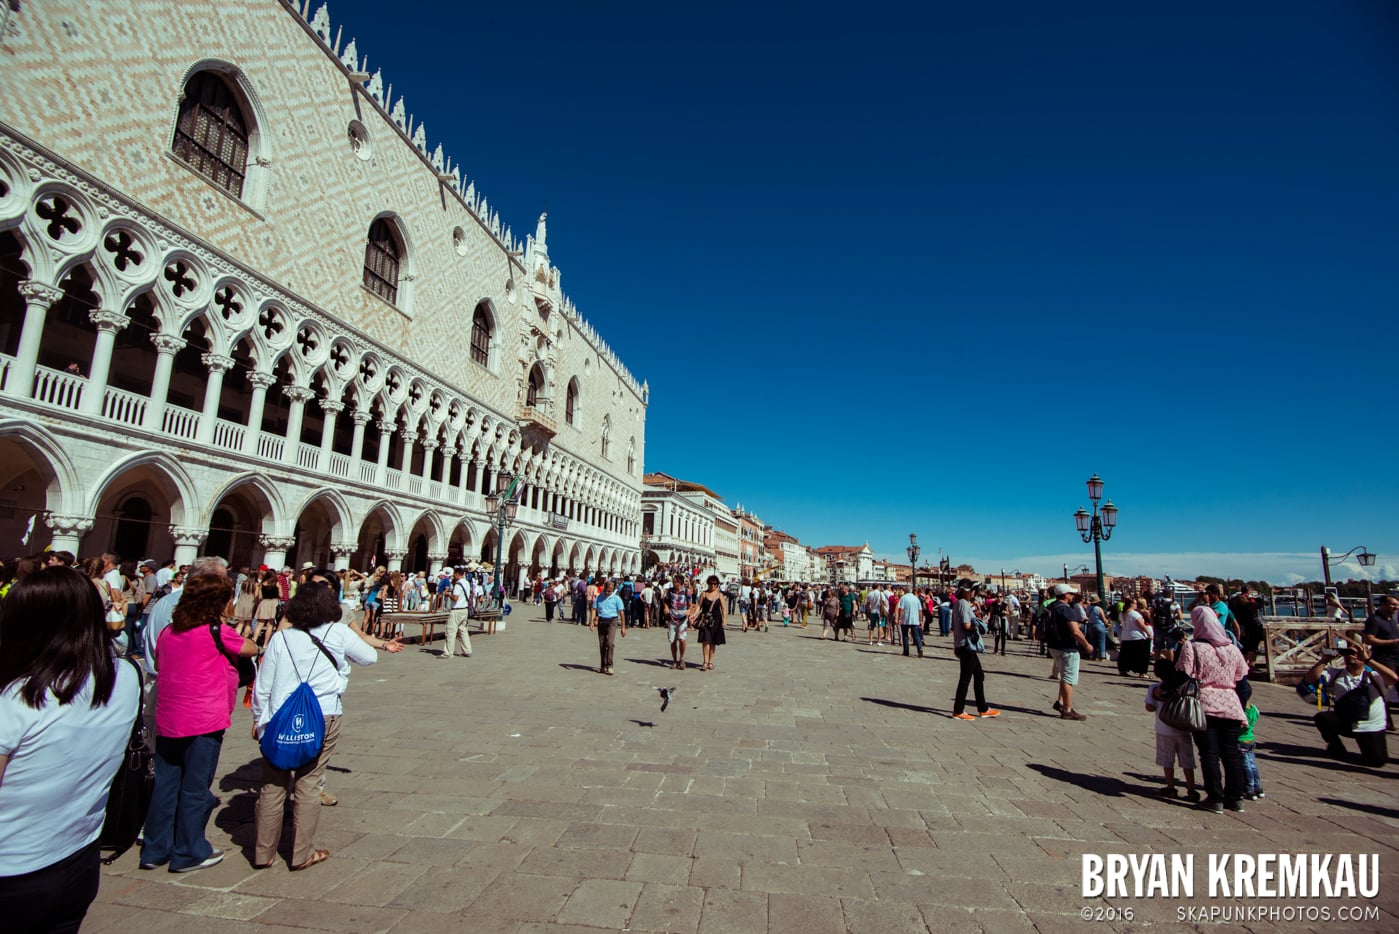 Italy Vacation - Day 4: Venice - 9.12.13 (86)